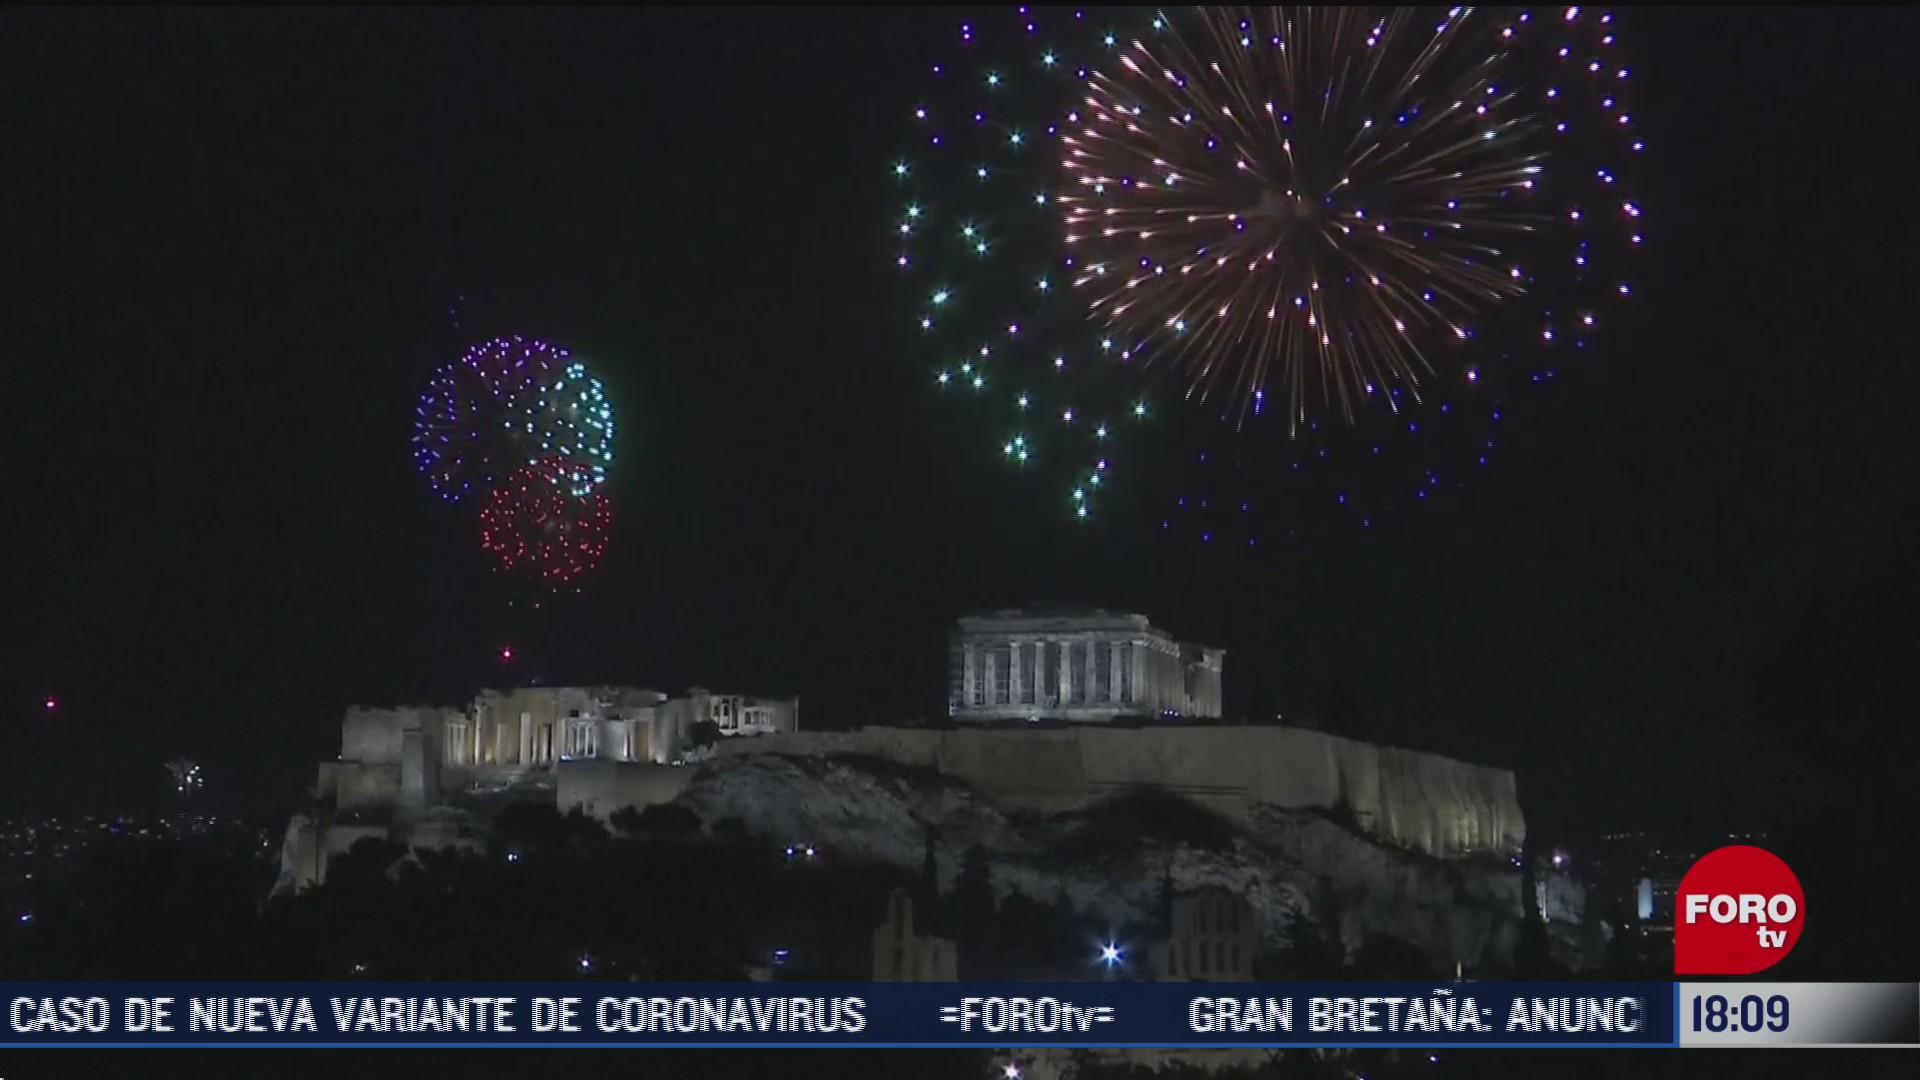 grecia recibio año nuevo el 2021 con fuegos artificiales en la acropolis